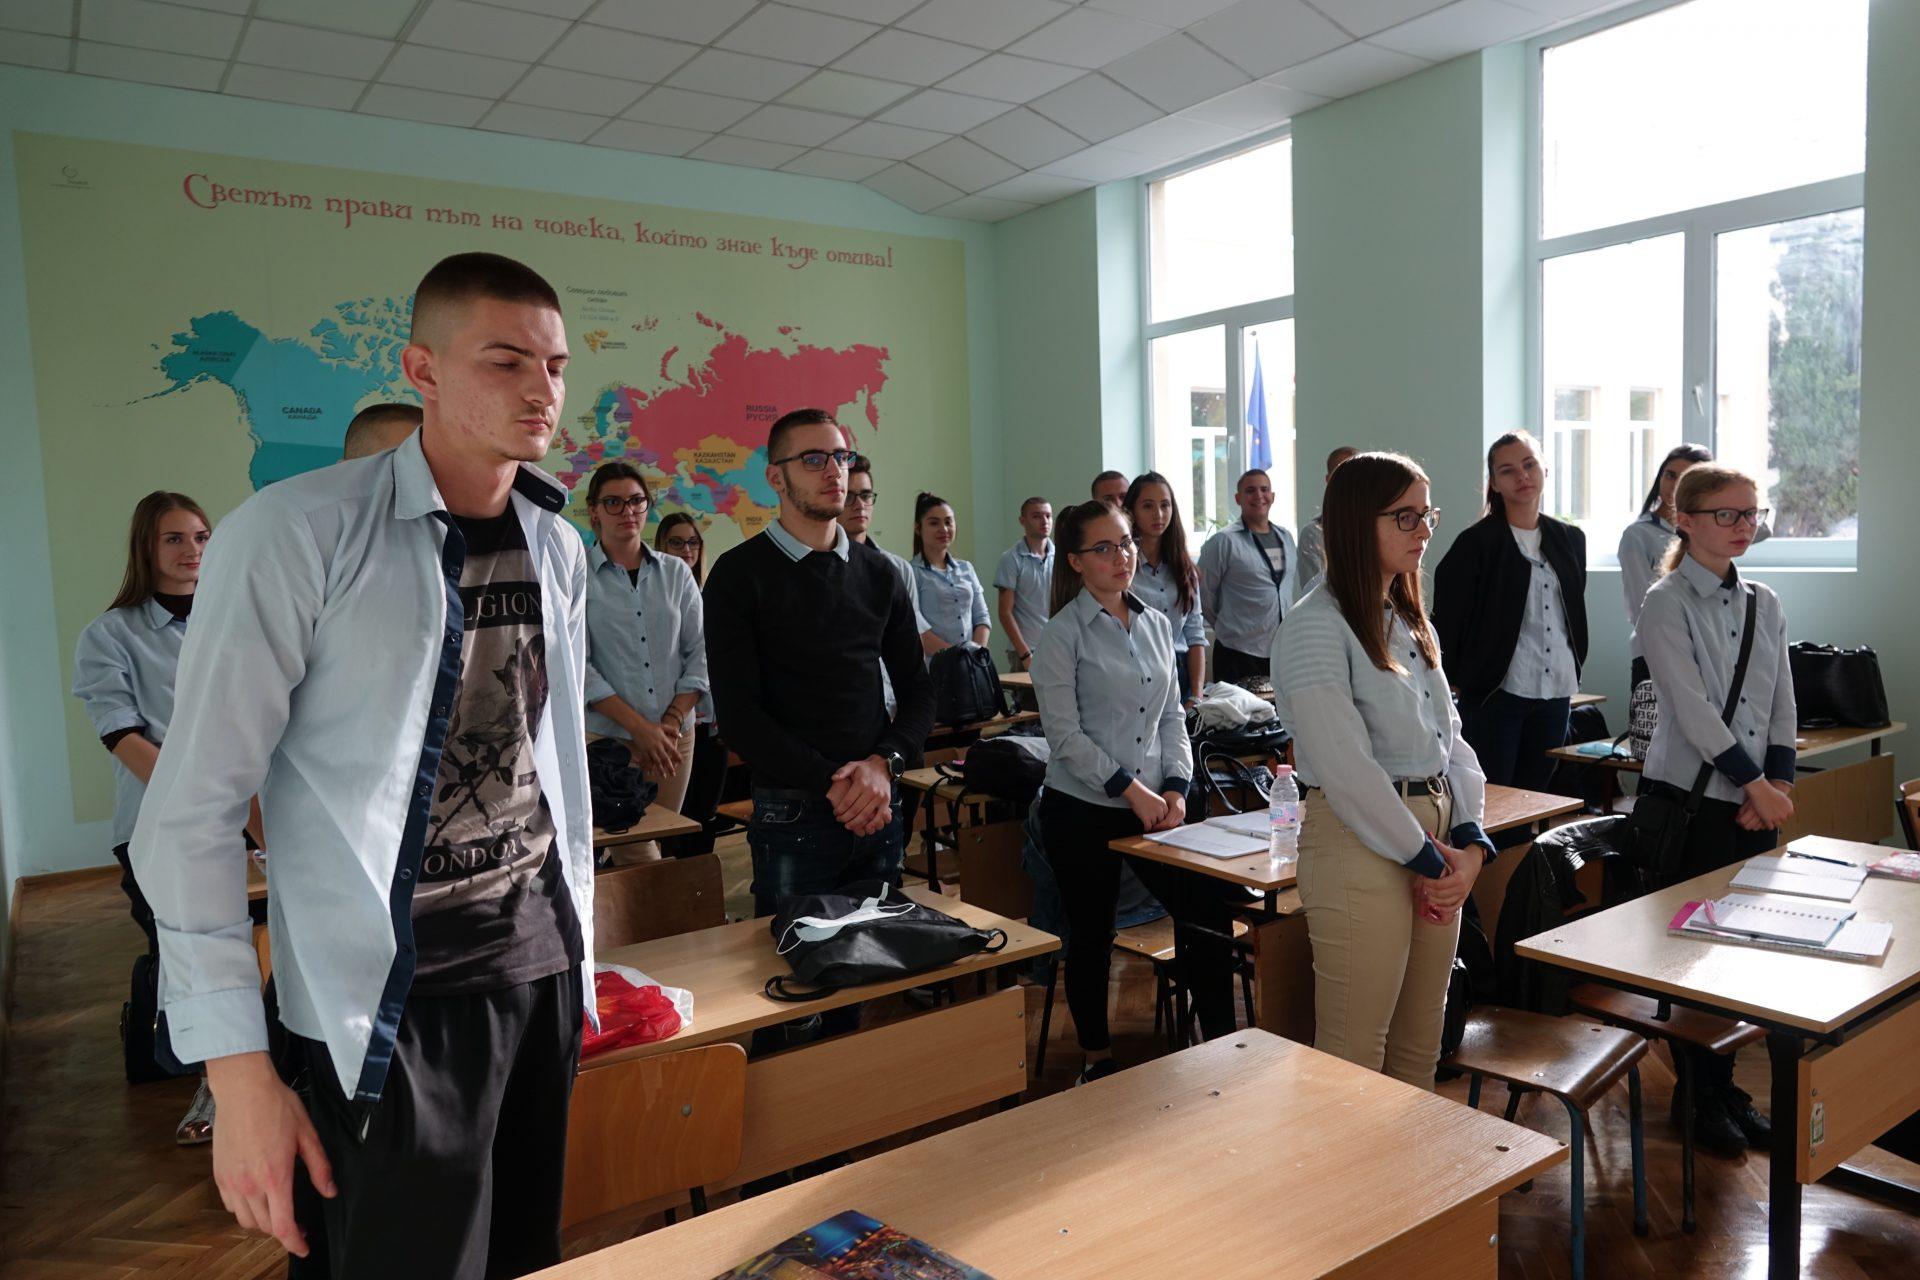 Близо 185 млн. лева е бюджетът за образование през 2021 г.